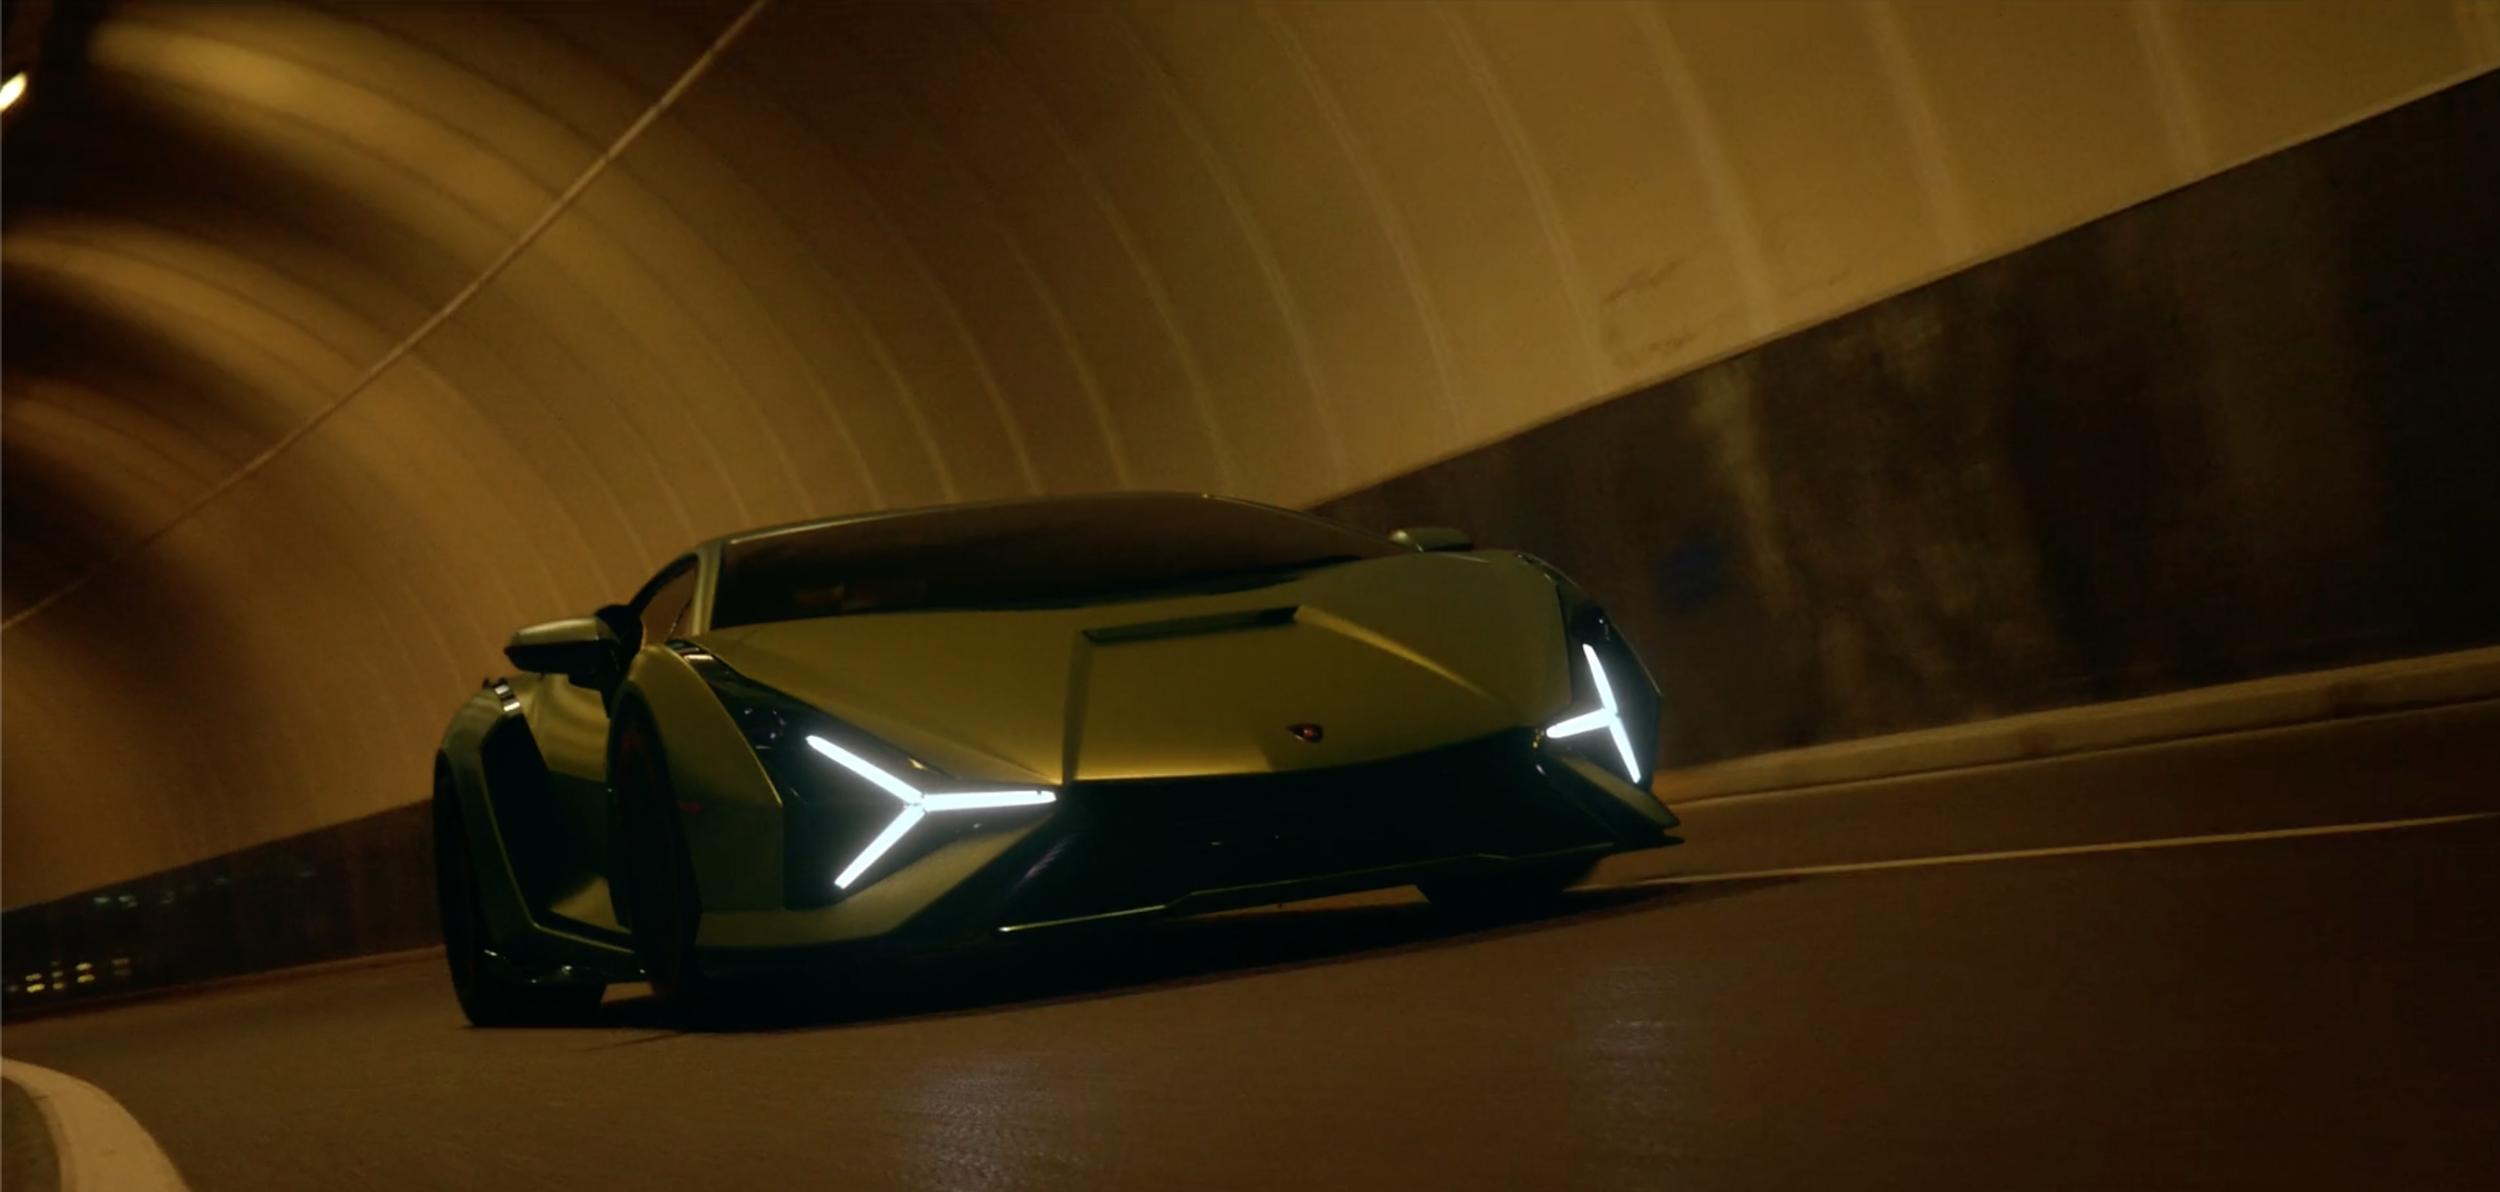 Lamborghini / Director Alberto Colombo - Creative Researcher Andrea Jade Colomb